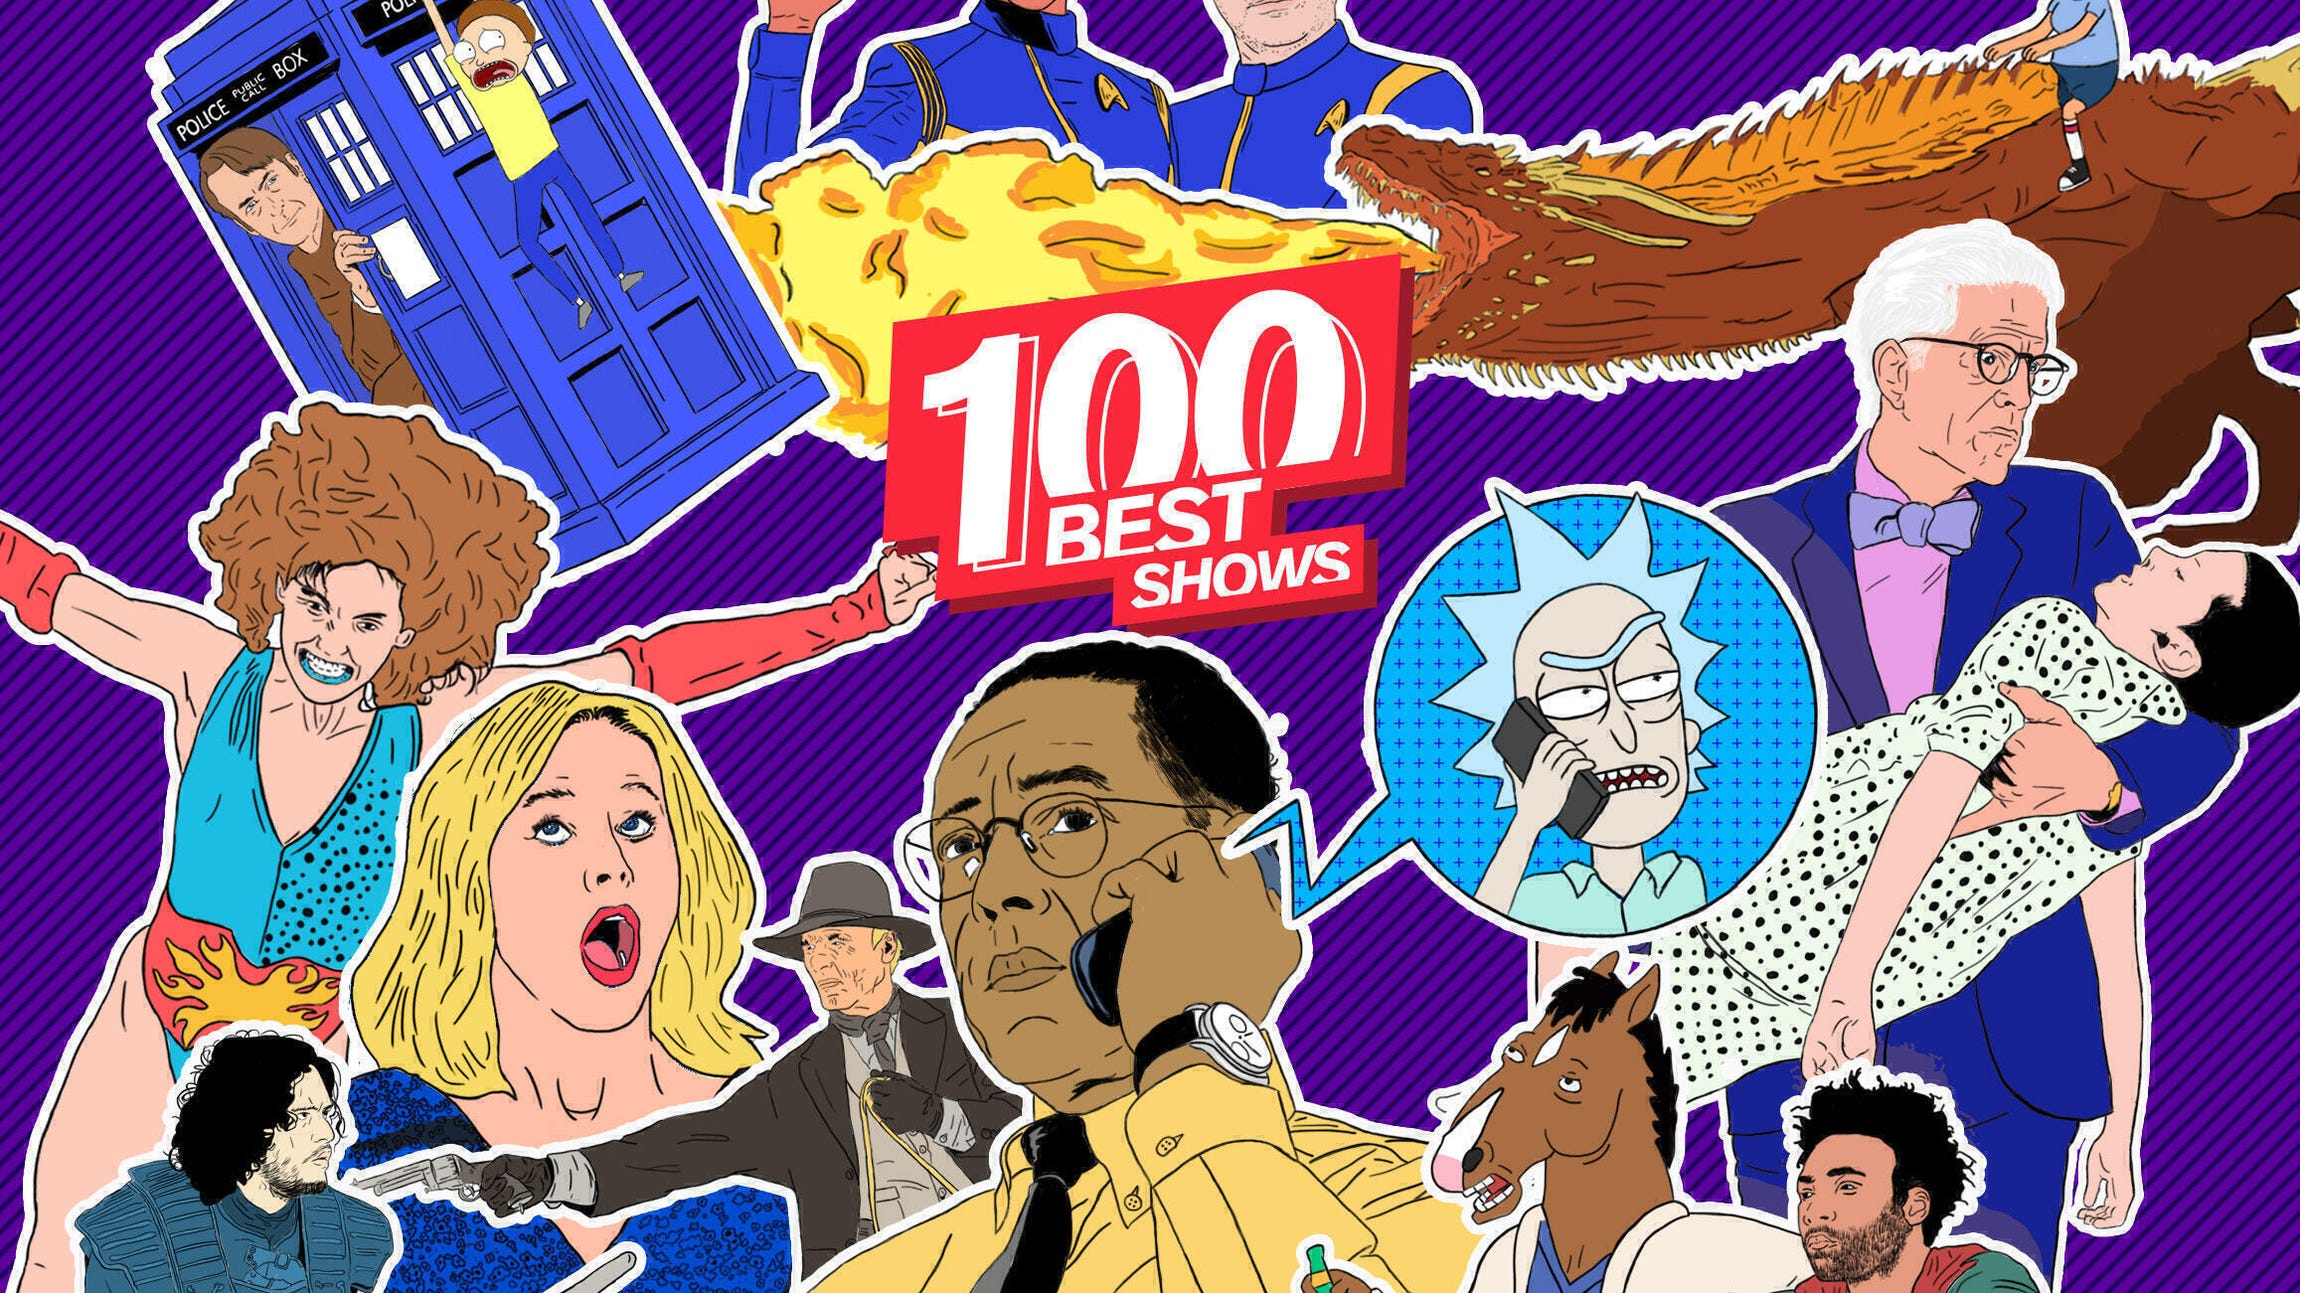 100 Best Shows Header